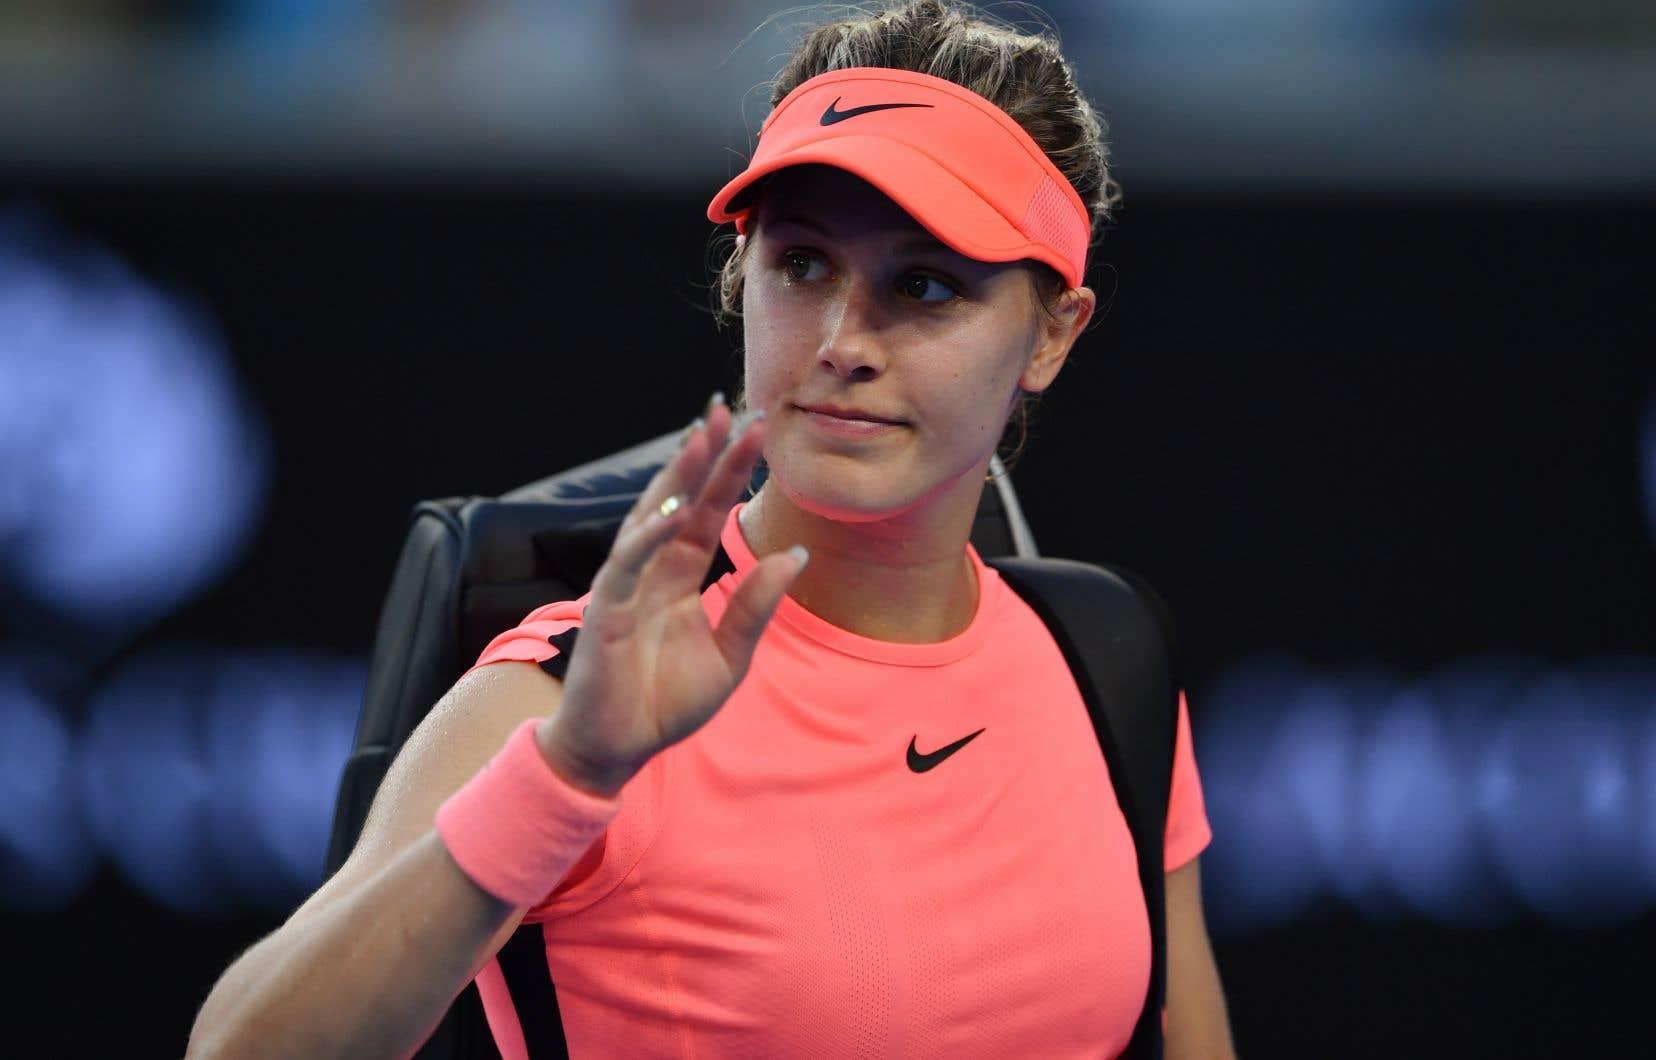 Lors du procès, la vedette du tennis Eugenie Bouchard a relaté les circonstances qui ont mené à ce qu'elle glisse et chute sur un plancher mouillé dans le vestiaire en 2015.